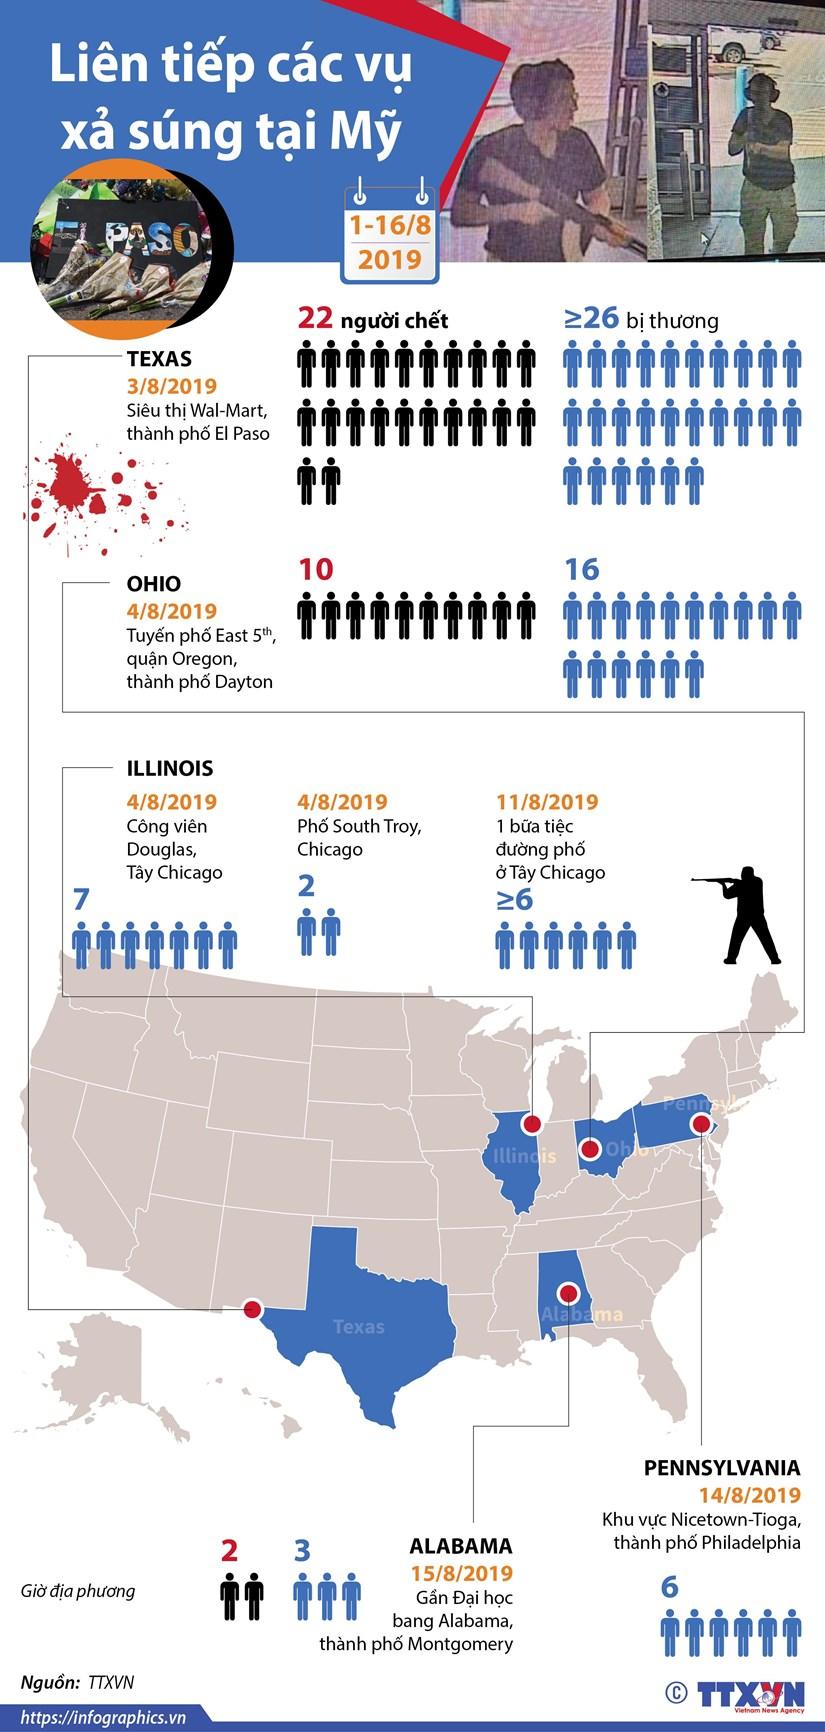 [Infographics] Liên tiếp các vụ xả súng tại Mỹ từ đầu tháng 8